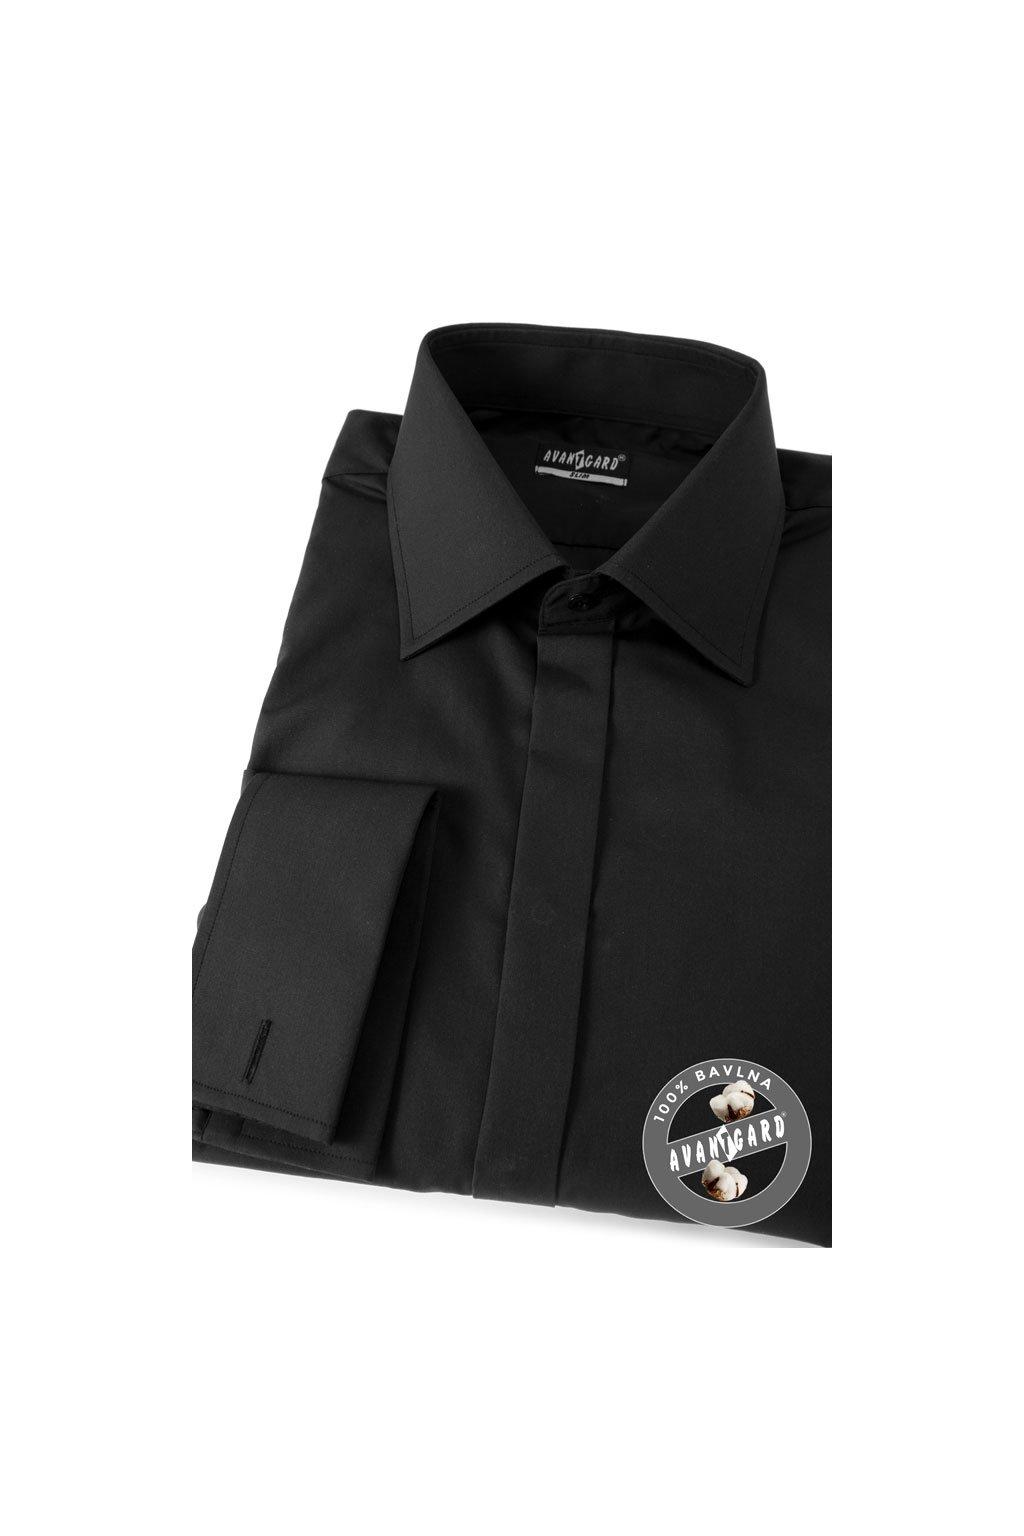 Pánská košile SLIM - krytá léga, MK černá 111 - 23